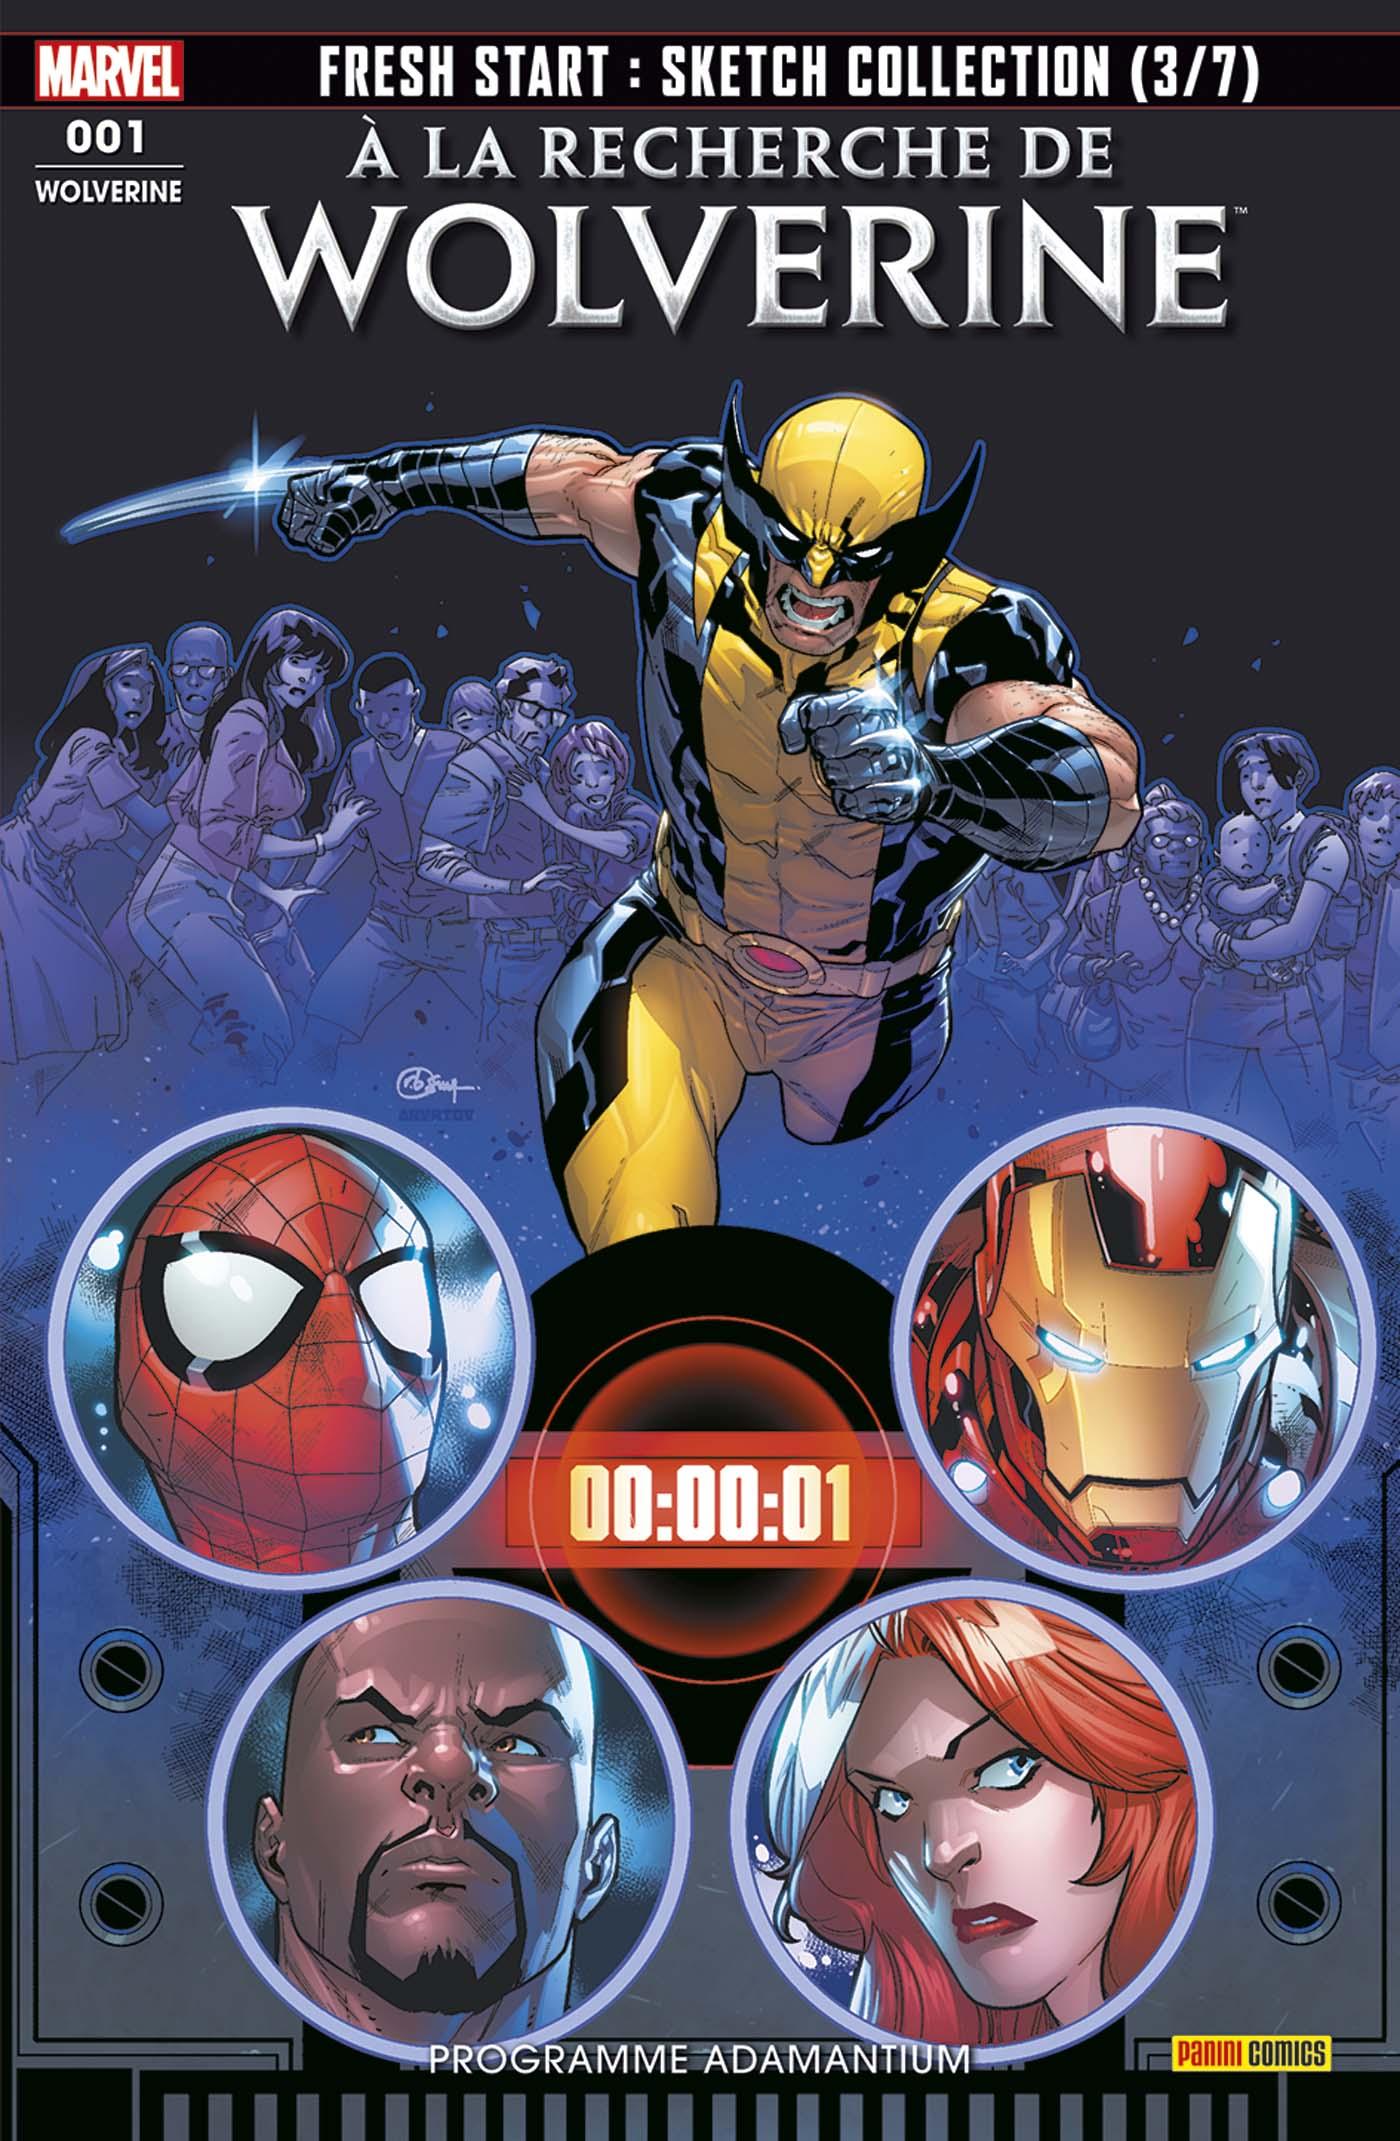 Wolverine 1 - Programme Adamantium